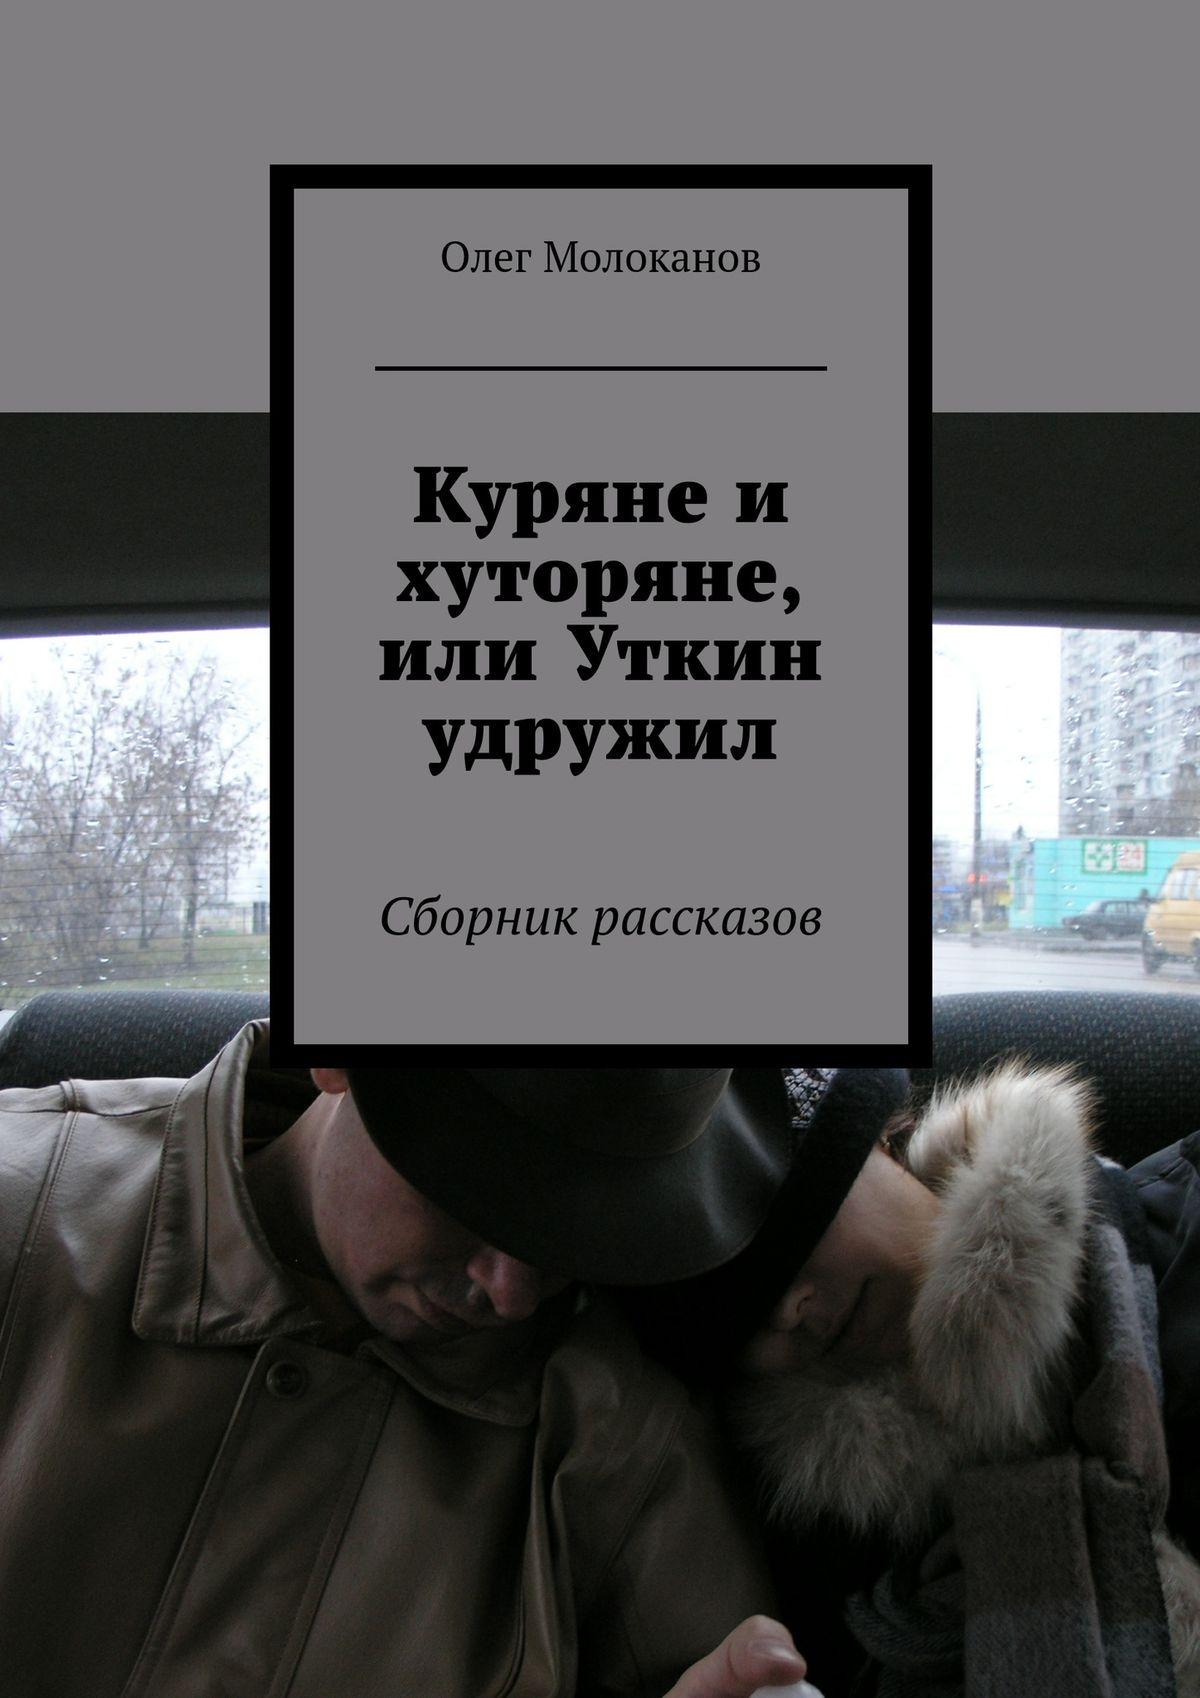 цены Олег Молоканов Куряне и хуторяне, или Уткин удружил. Сборник рассказов